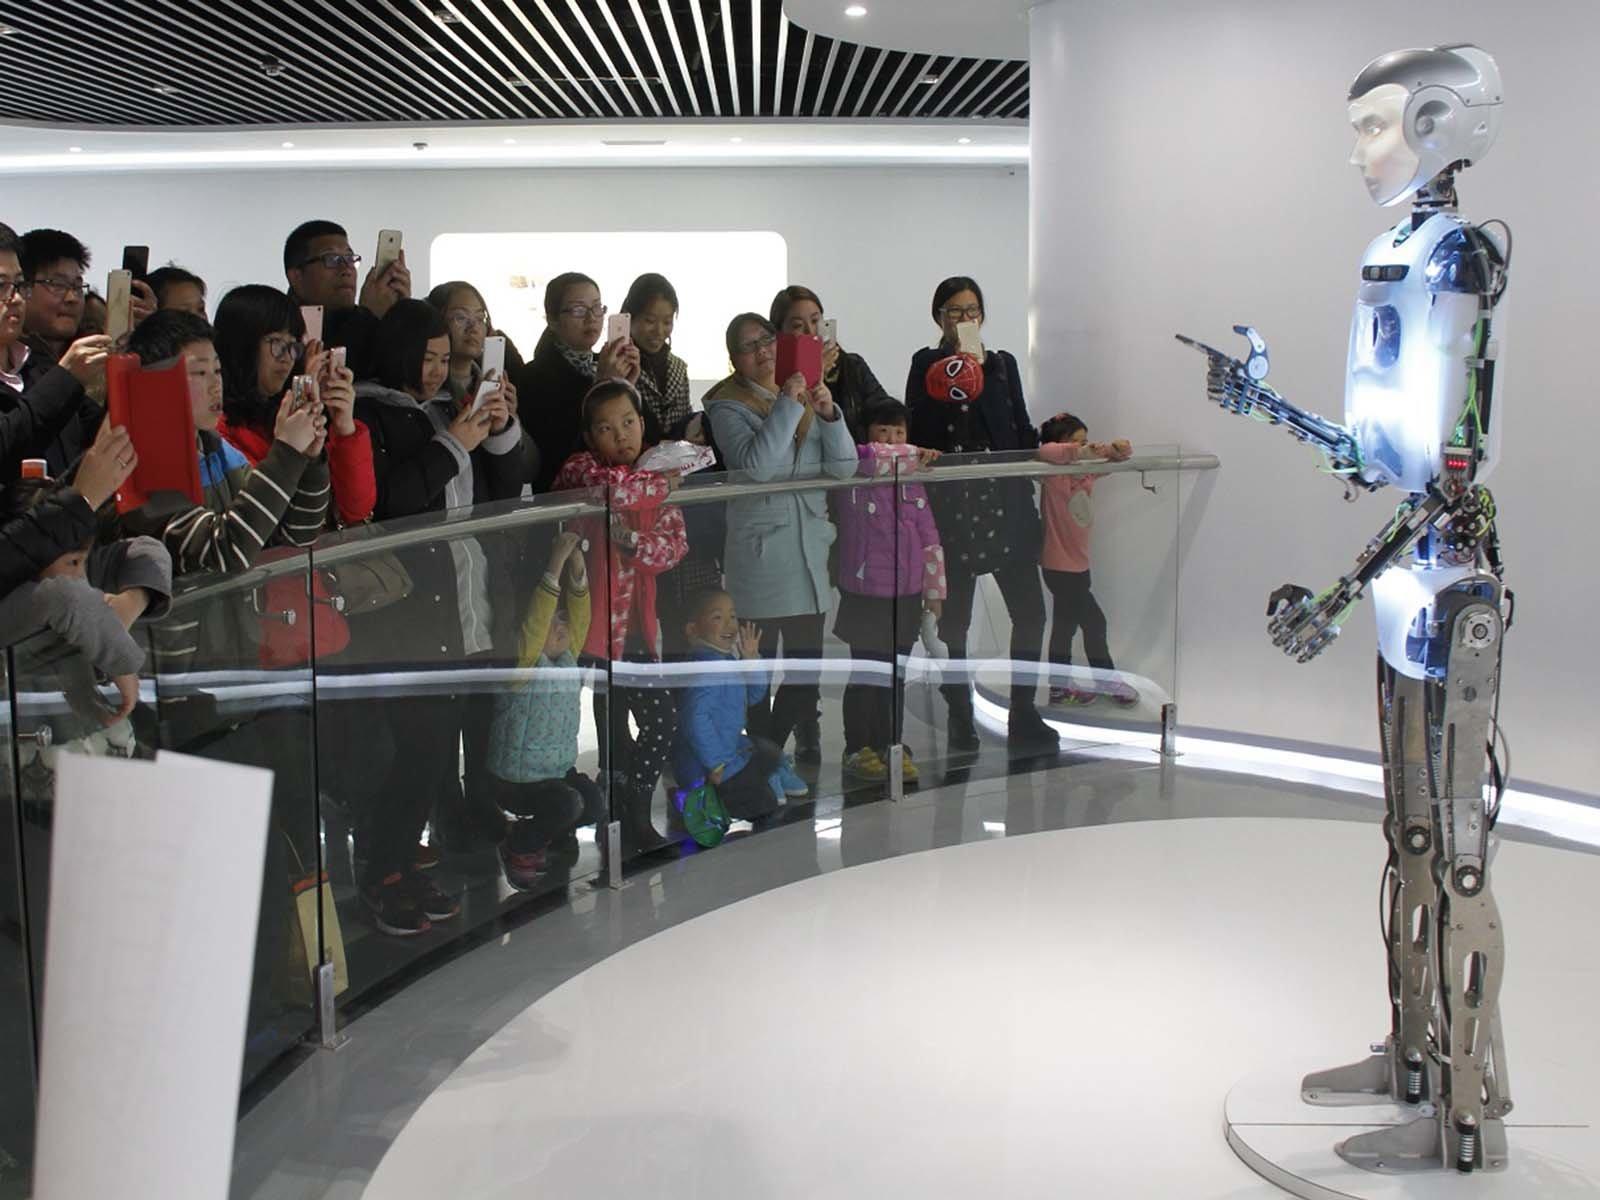 Музей роботов построенный самими роботами в Сеуле